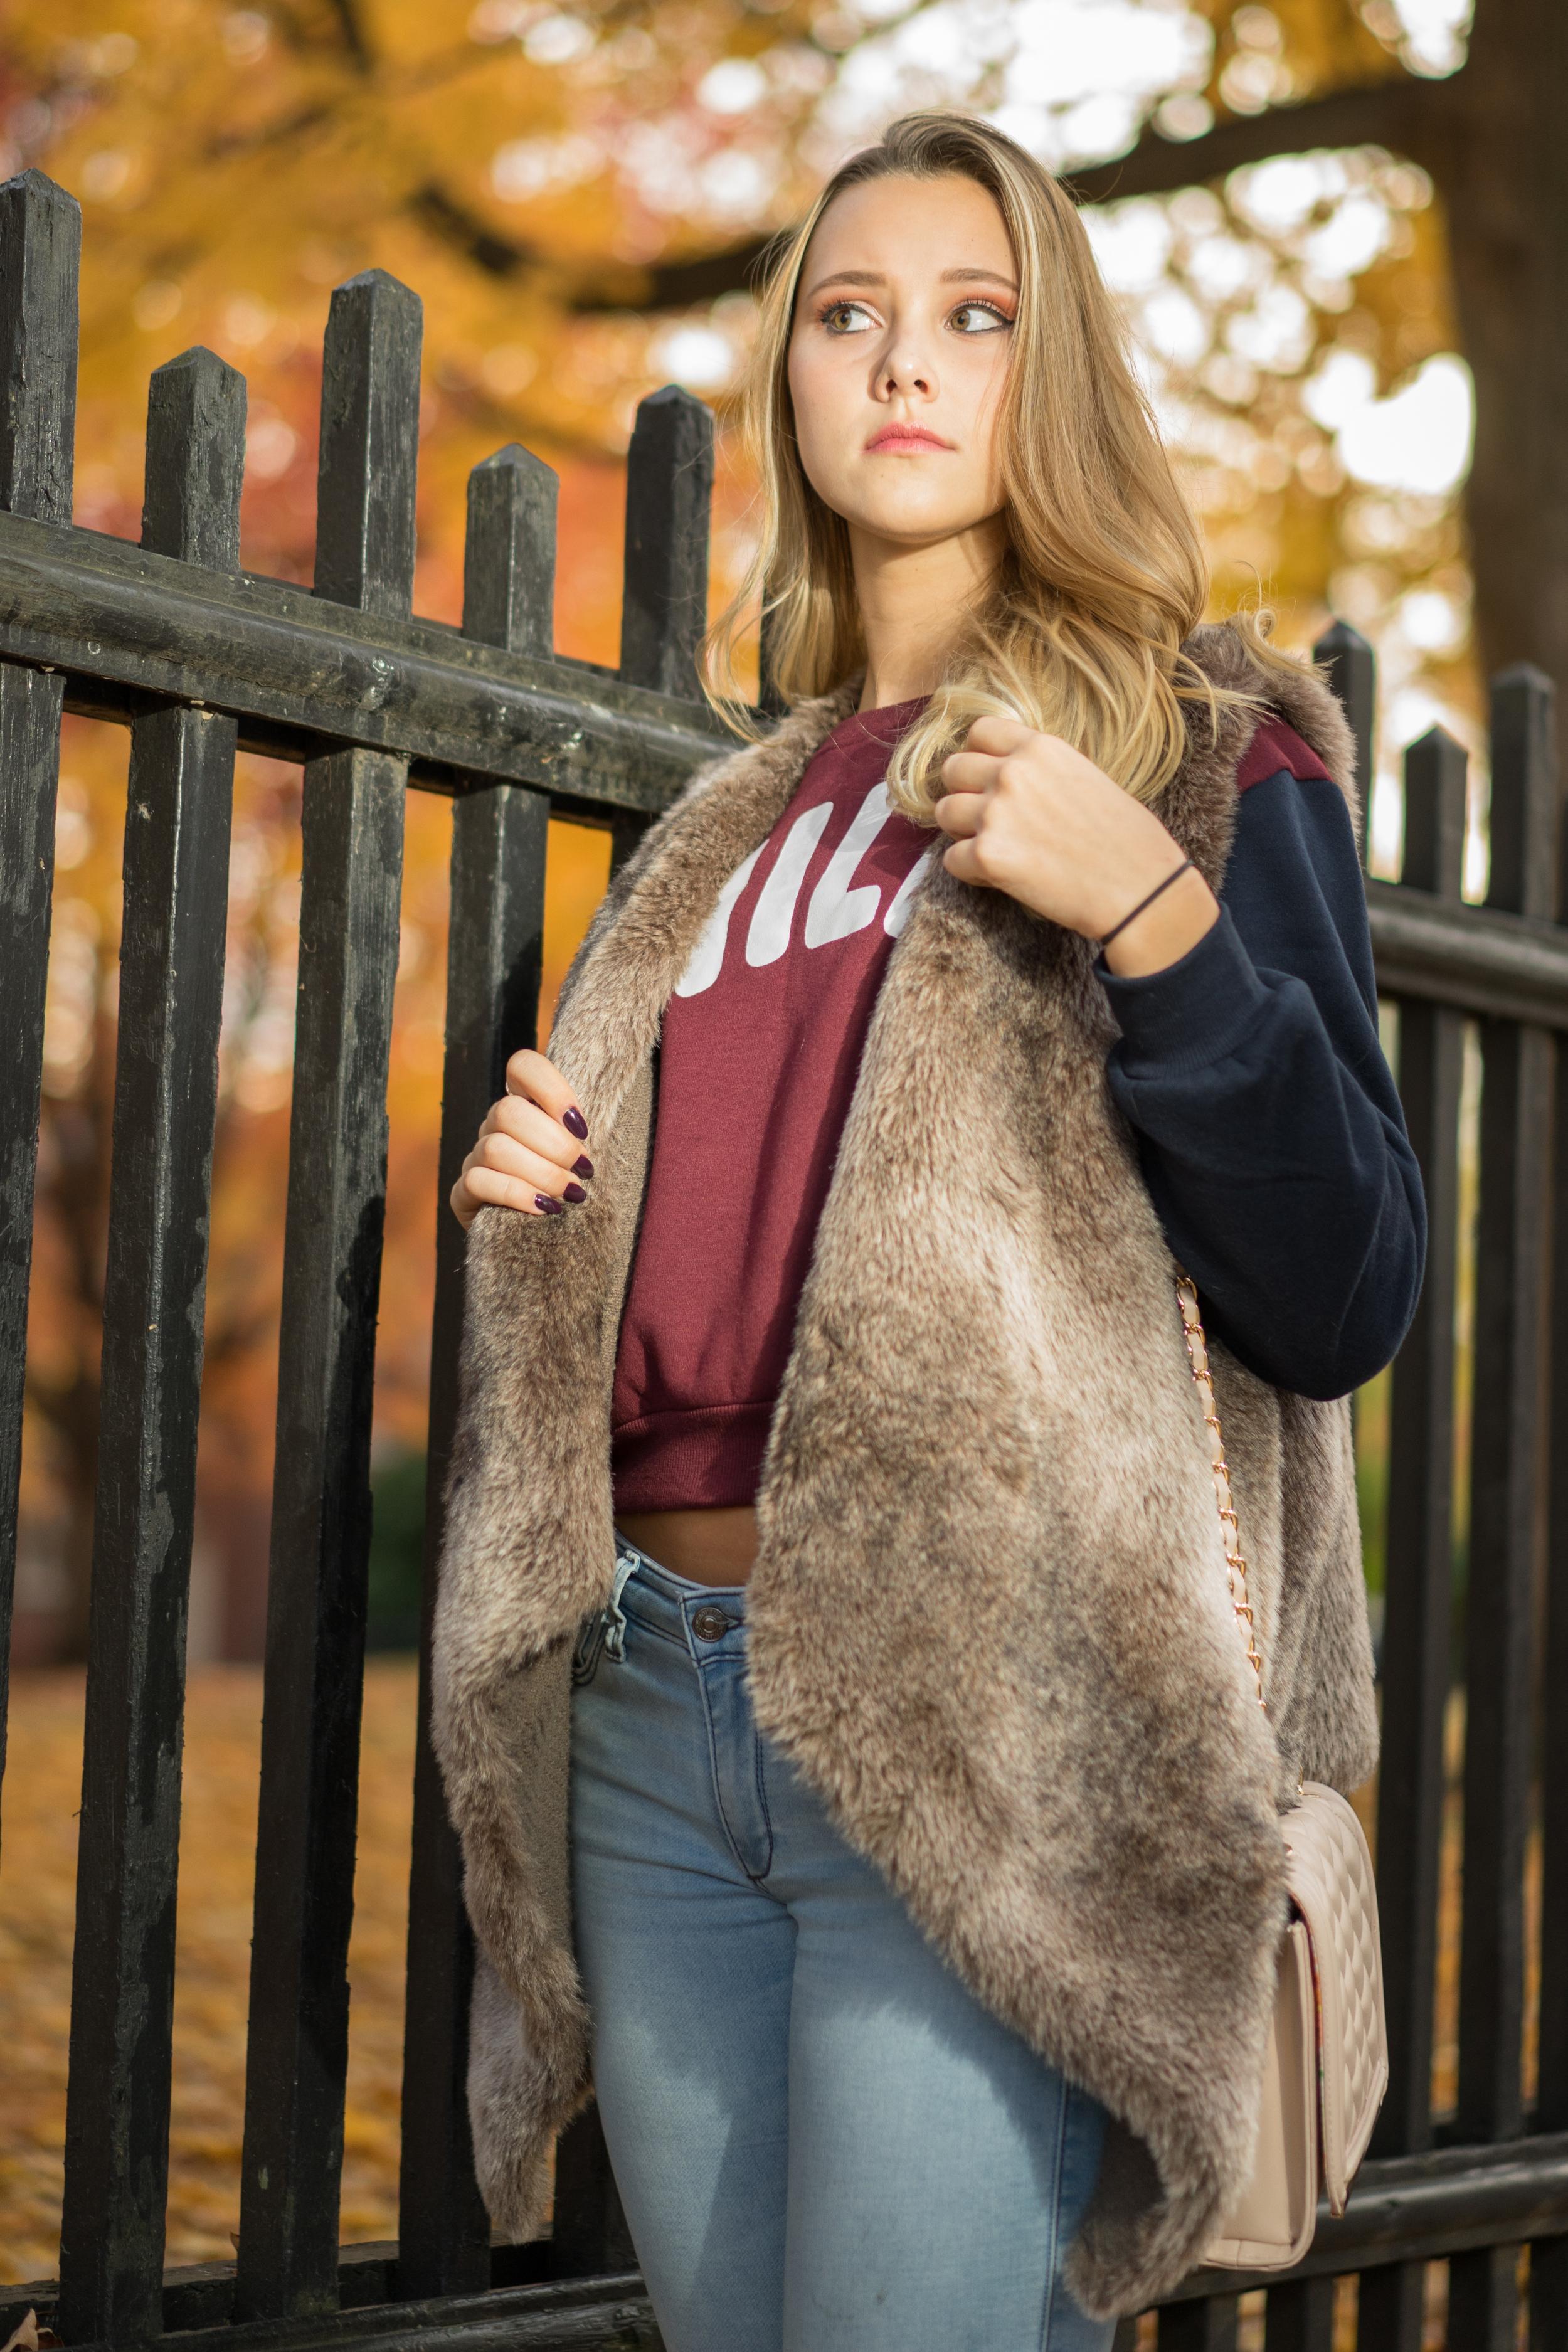 Angelica is wearing: Vest: Zara, Sweatshirt: ROMWE, Bag: Aldo, Jeans: Forever 21, Boots: Charlotte Russe